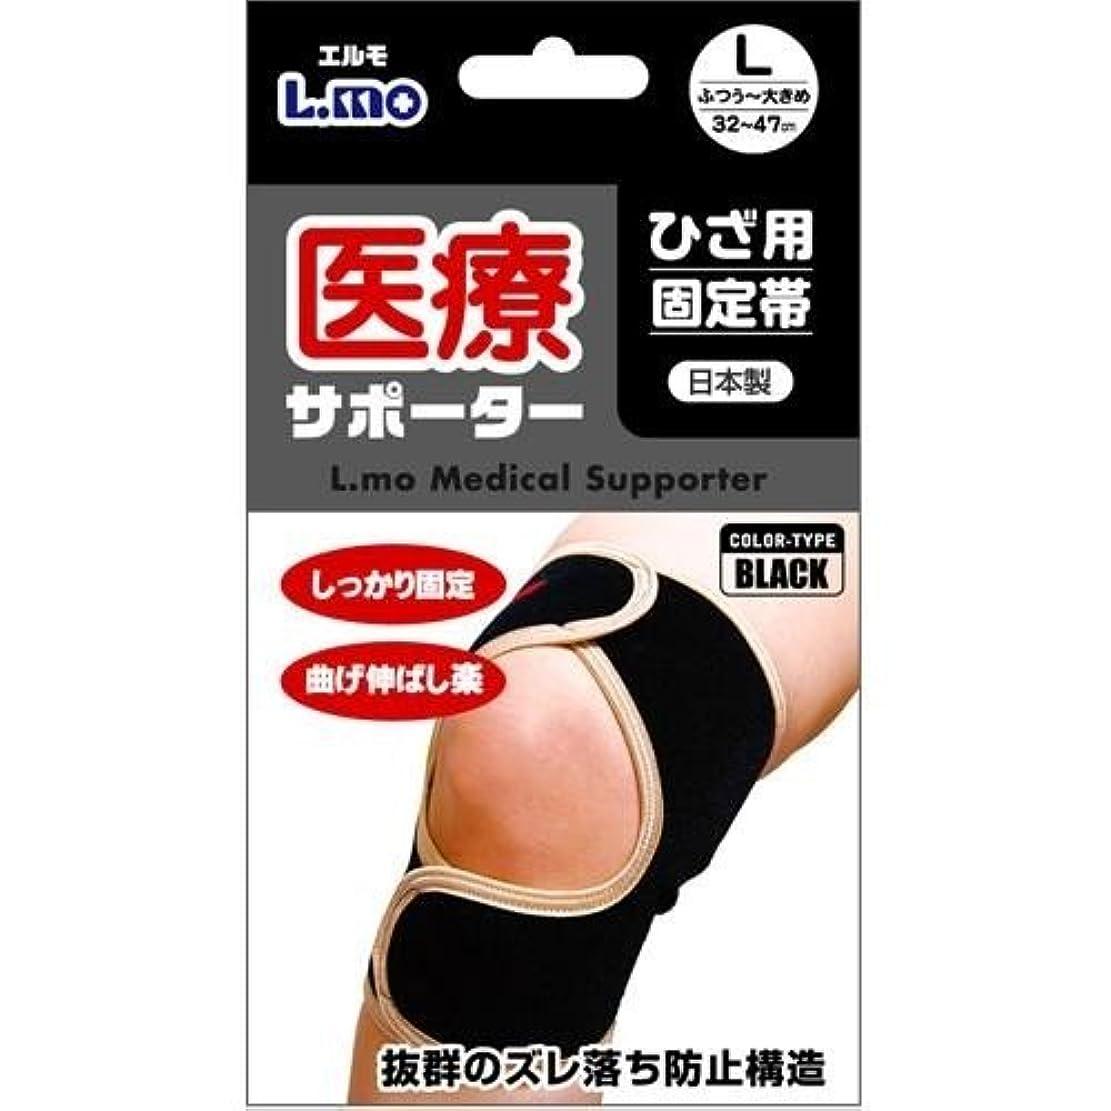 ハンマーハンカチ球状エルモ医療サポーター ひざ用固定帯 ブラック ■2種類の内「Lサイズ?786493」を1点のみです